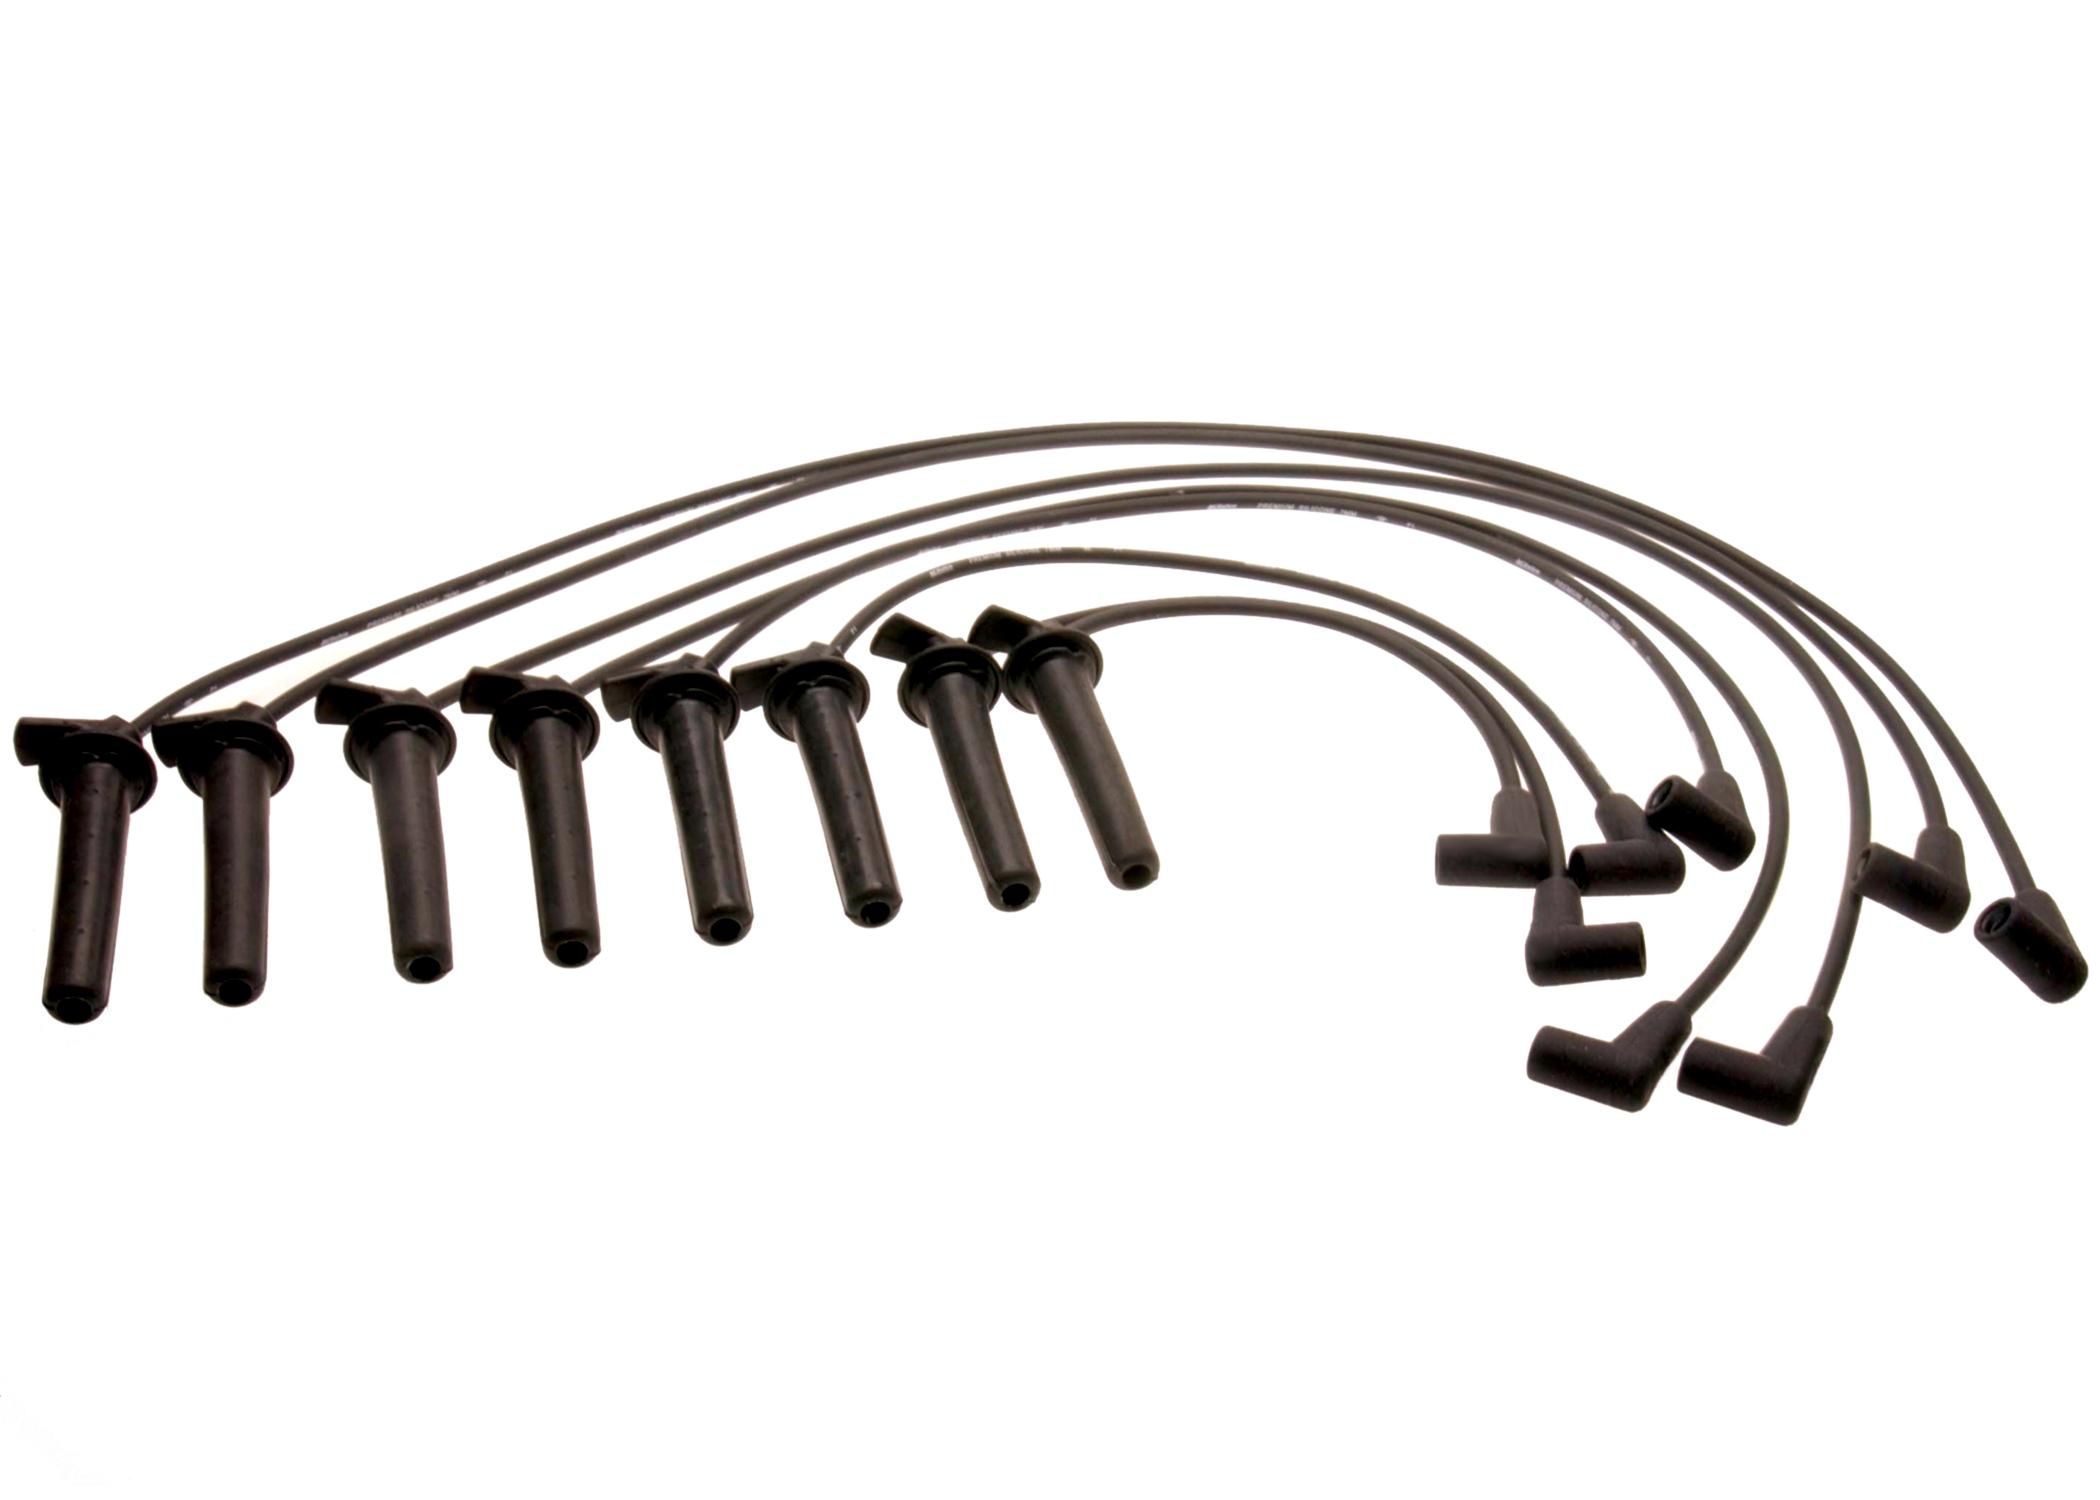 ACDELCO GM ORIGINAL EQUIPMENT - Spark Plug Wire Set - DCB 748Q